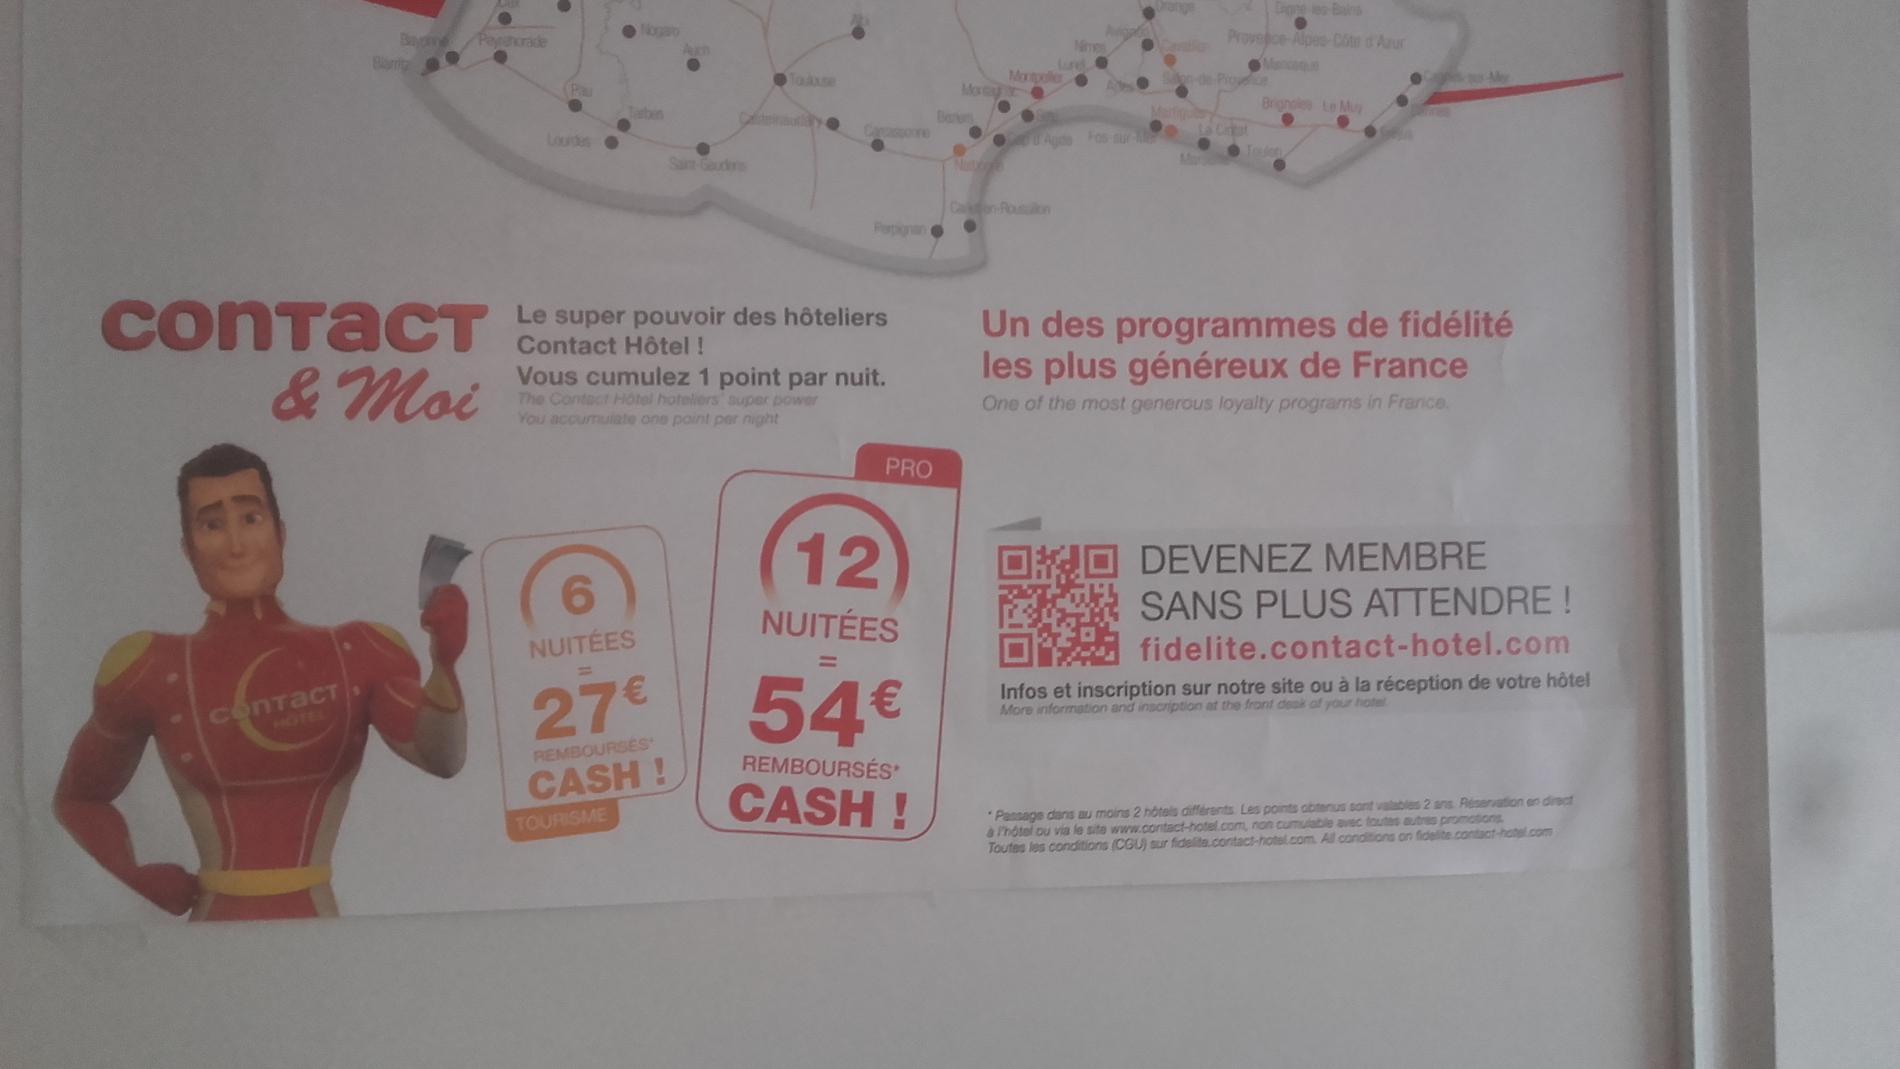 Notre programme de Fidélité Contact Hotel, le plus généreux de France